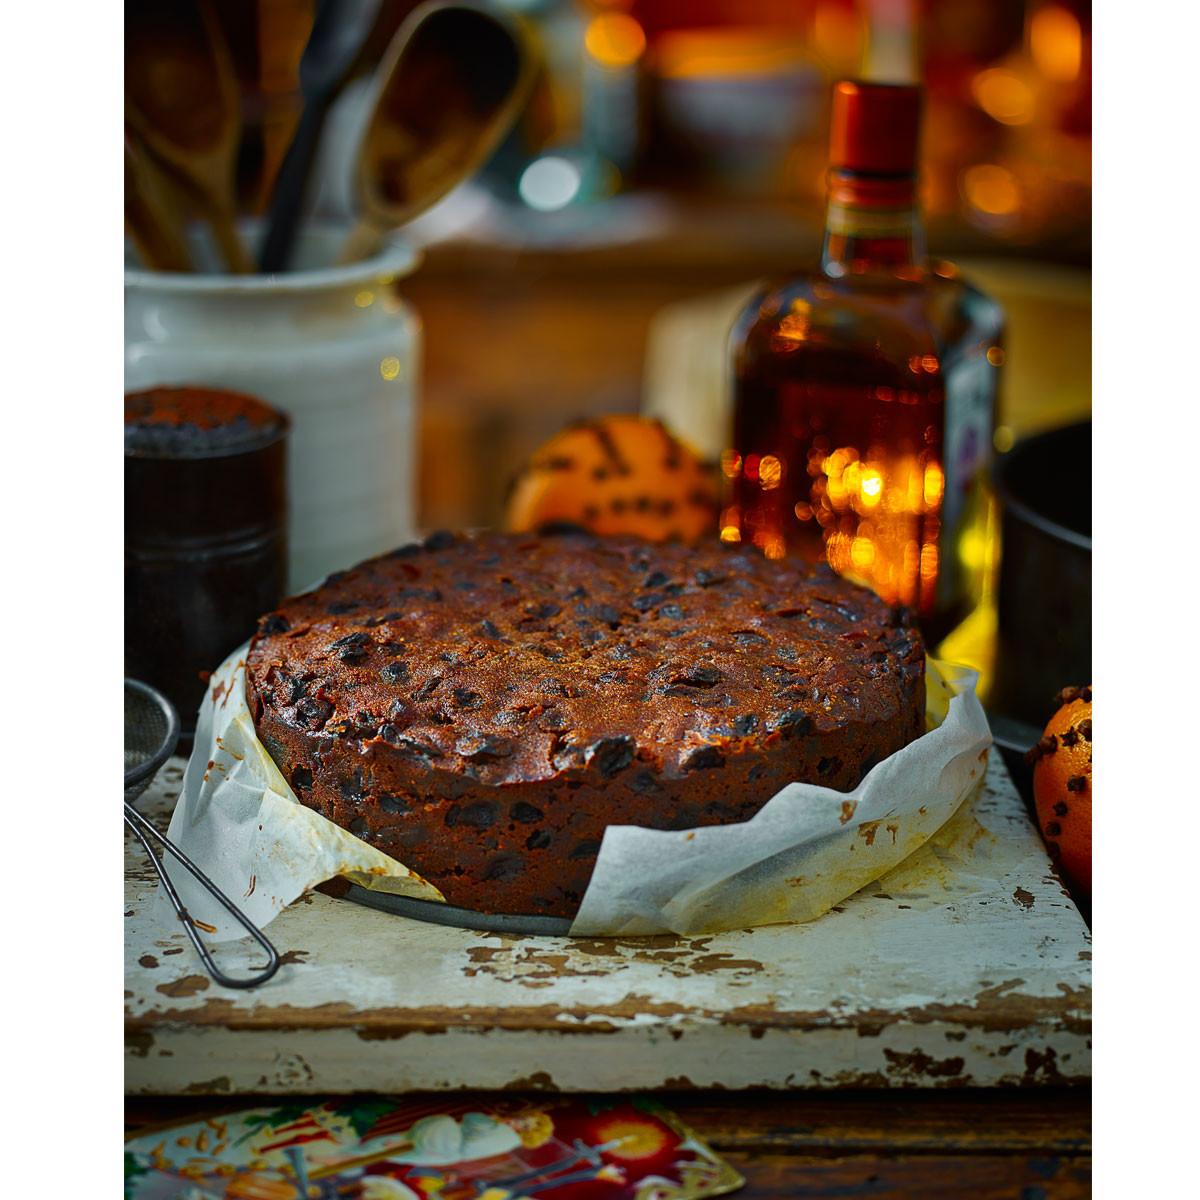 Recipes For Christmas Cake  Christmas cake recipe Best Christmas cake recipes Good